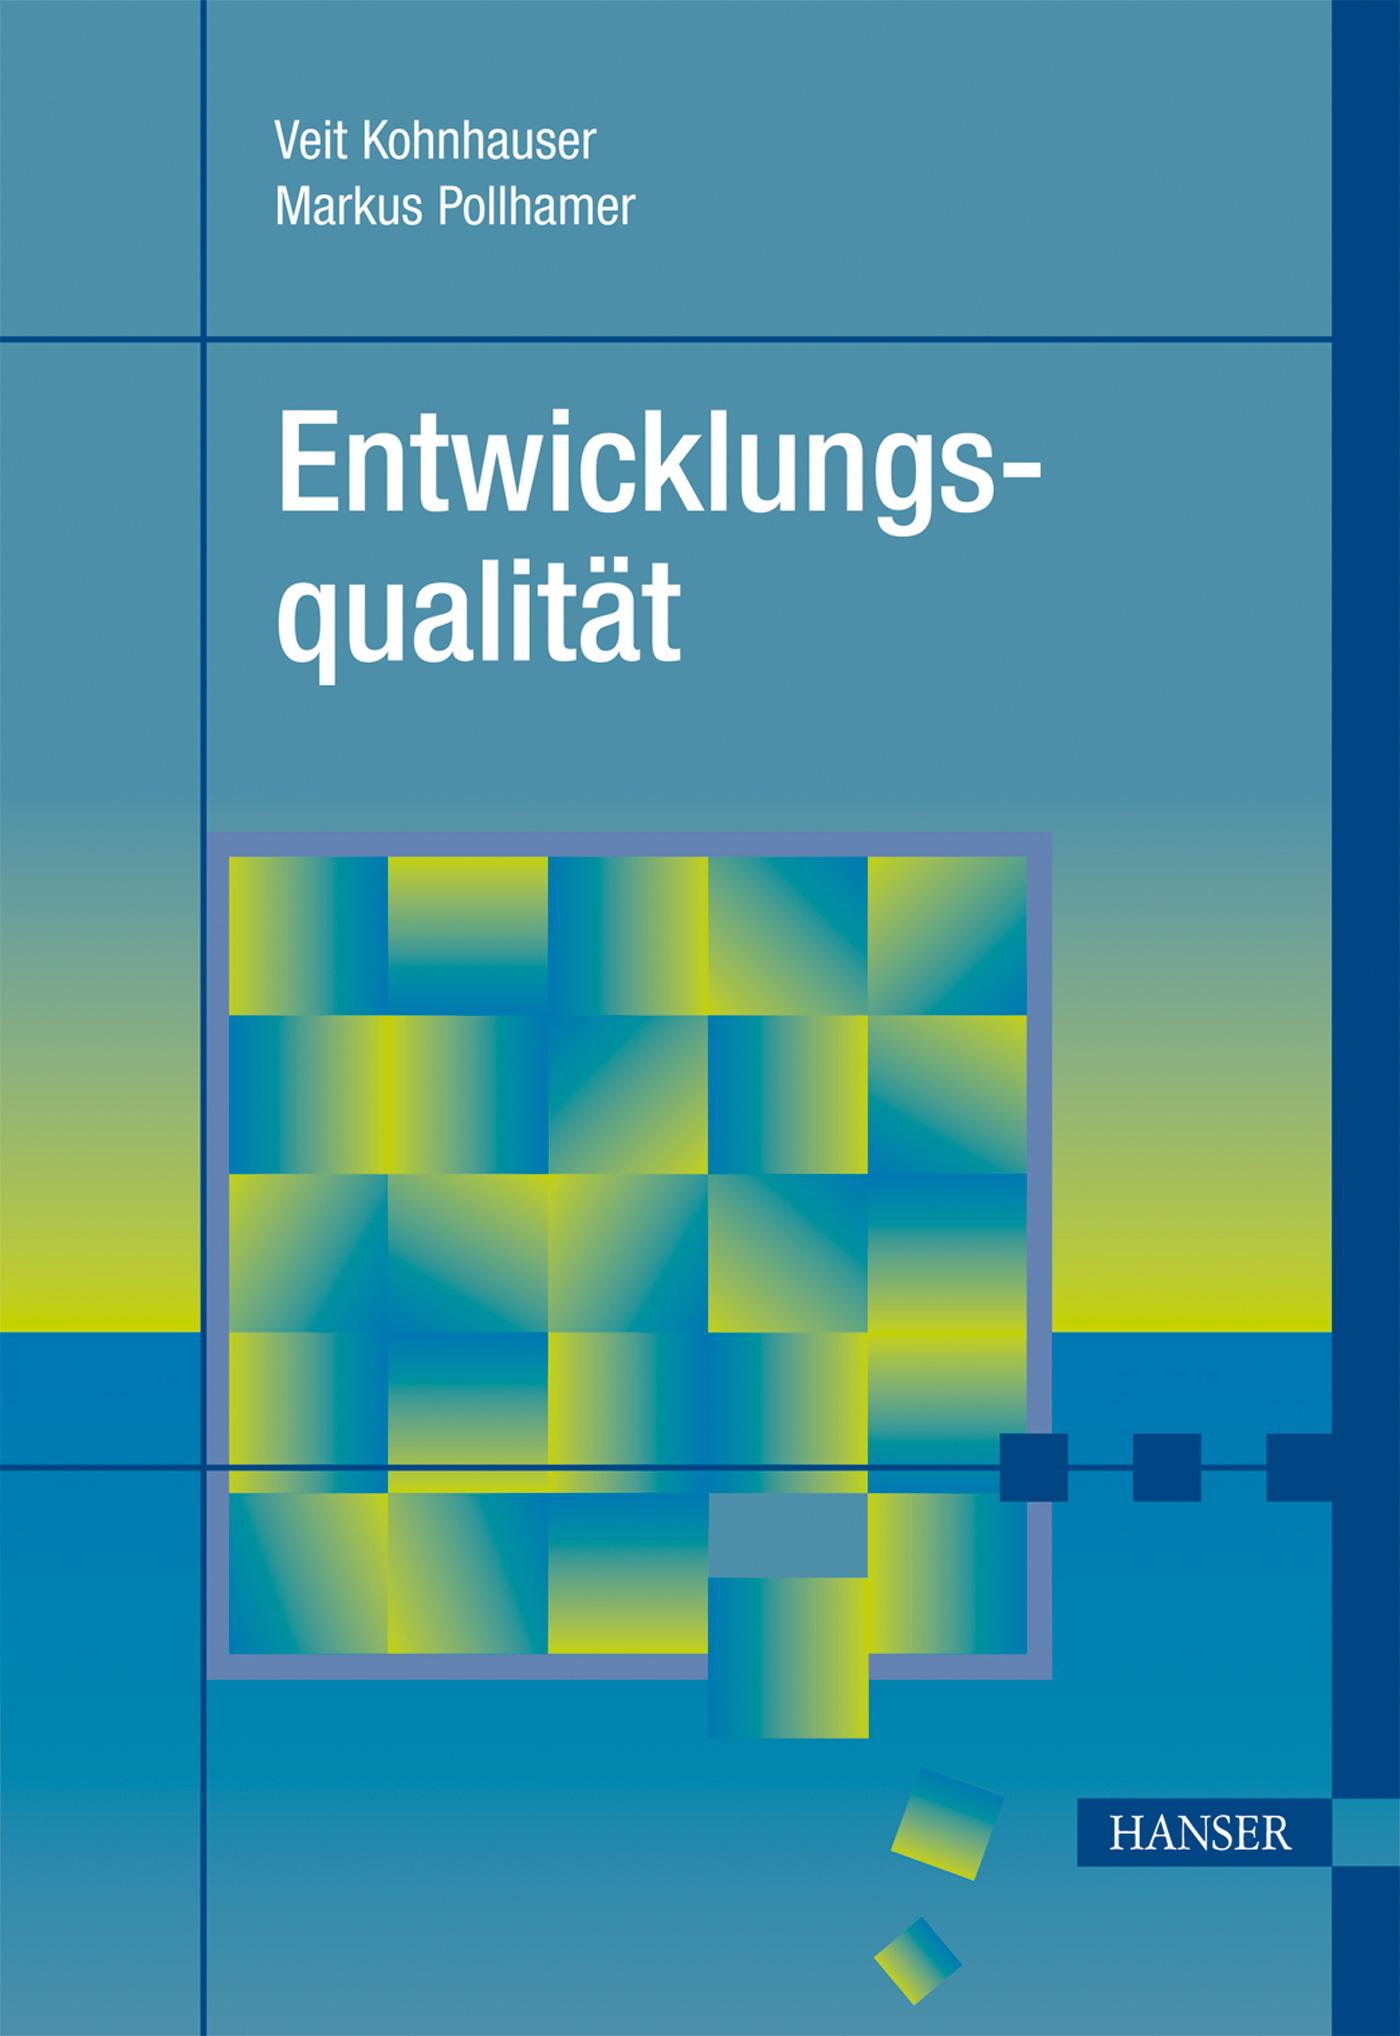 Kohnhauser, Pollhamer, Entwicklungsqualität, 978-3-446-42796-9